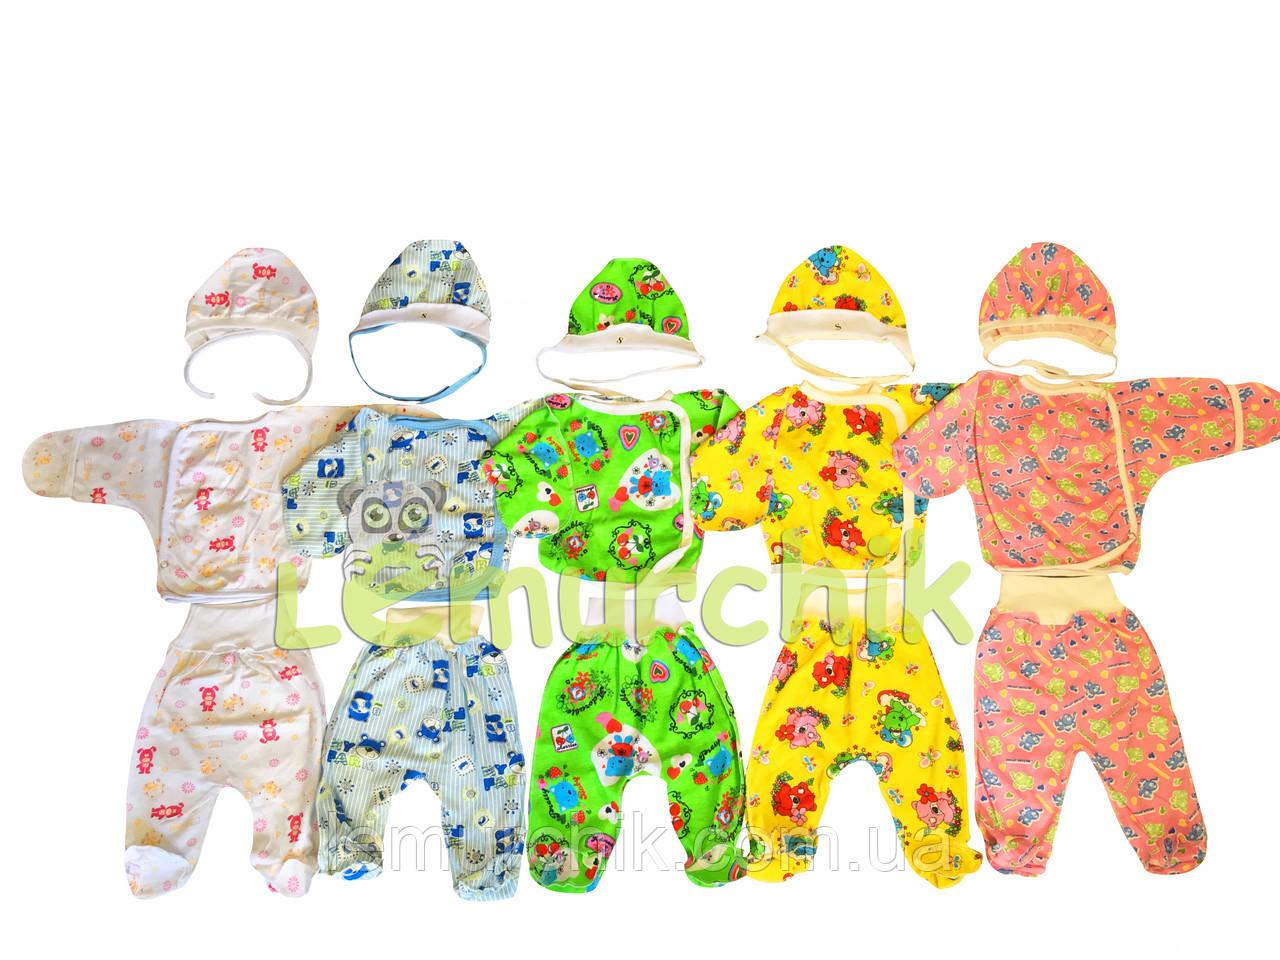 Комплект для новорожденного кулир (распашонка+ползунки+шапочка) 56 р